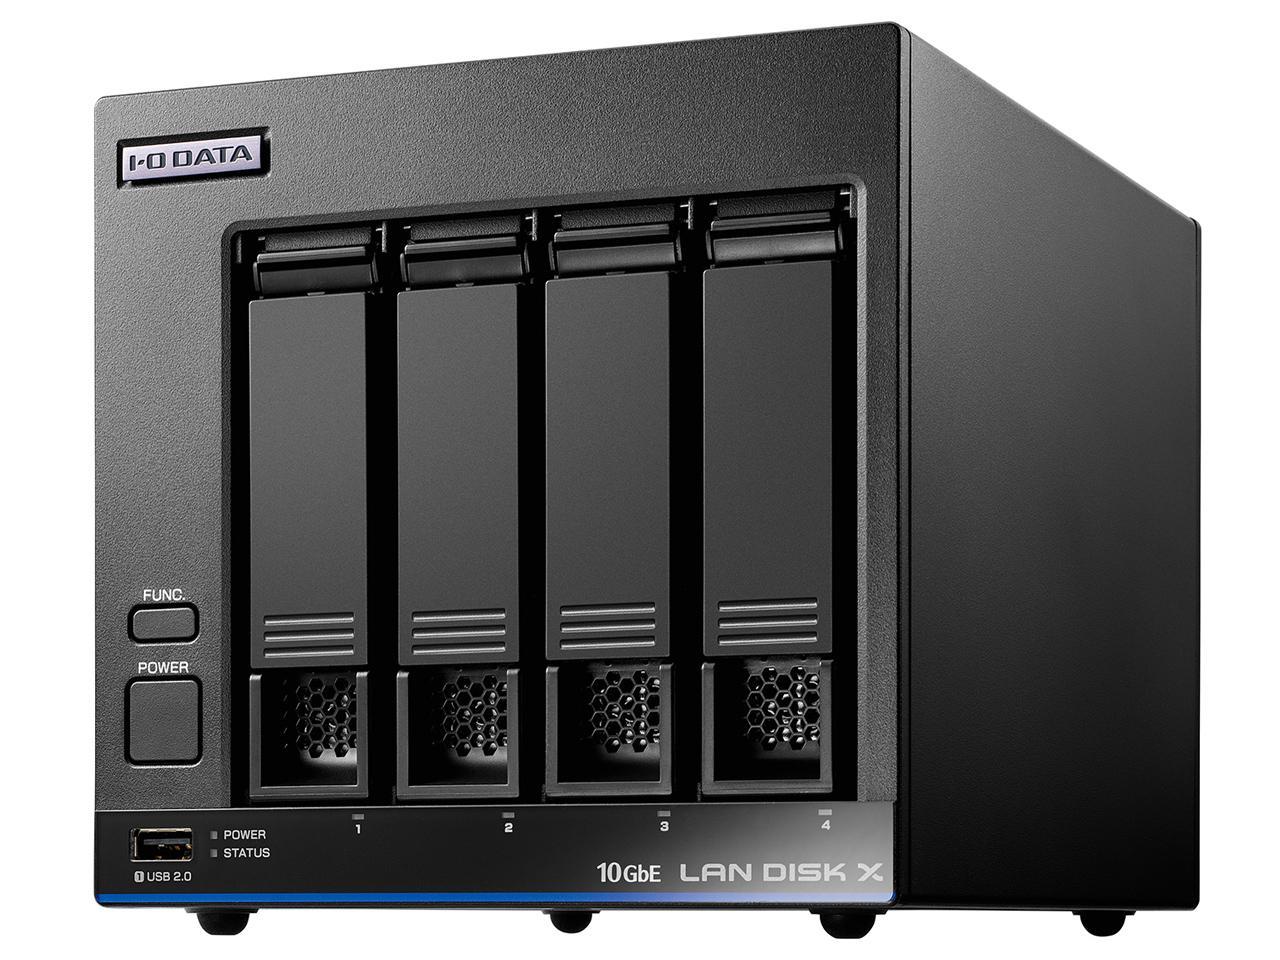 安心の実績 高価 買取 強化中 送料無料 アイ 新作 大人気 オー データ機器 10GbE マルチギガビット対応 HDL4-XA8 Linuxベース法人向け4ドライブNAS 8TB